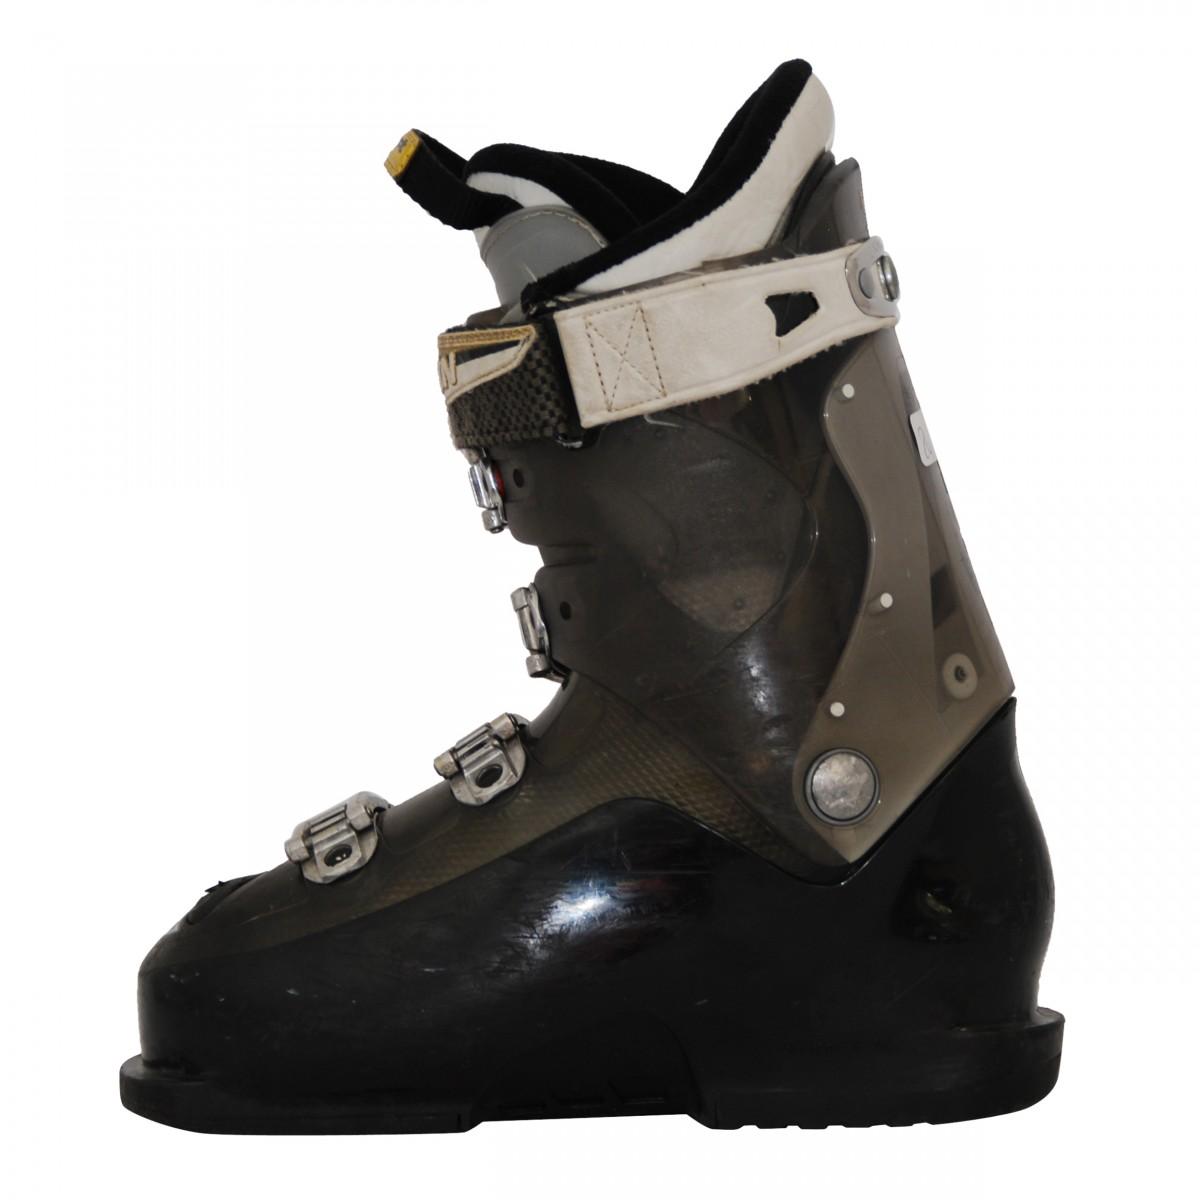 Idol Chaussures Salomon Noir 8 De Occasion Ski vOmny8wN0